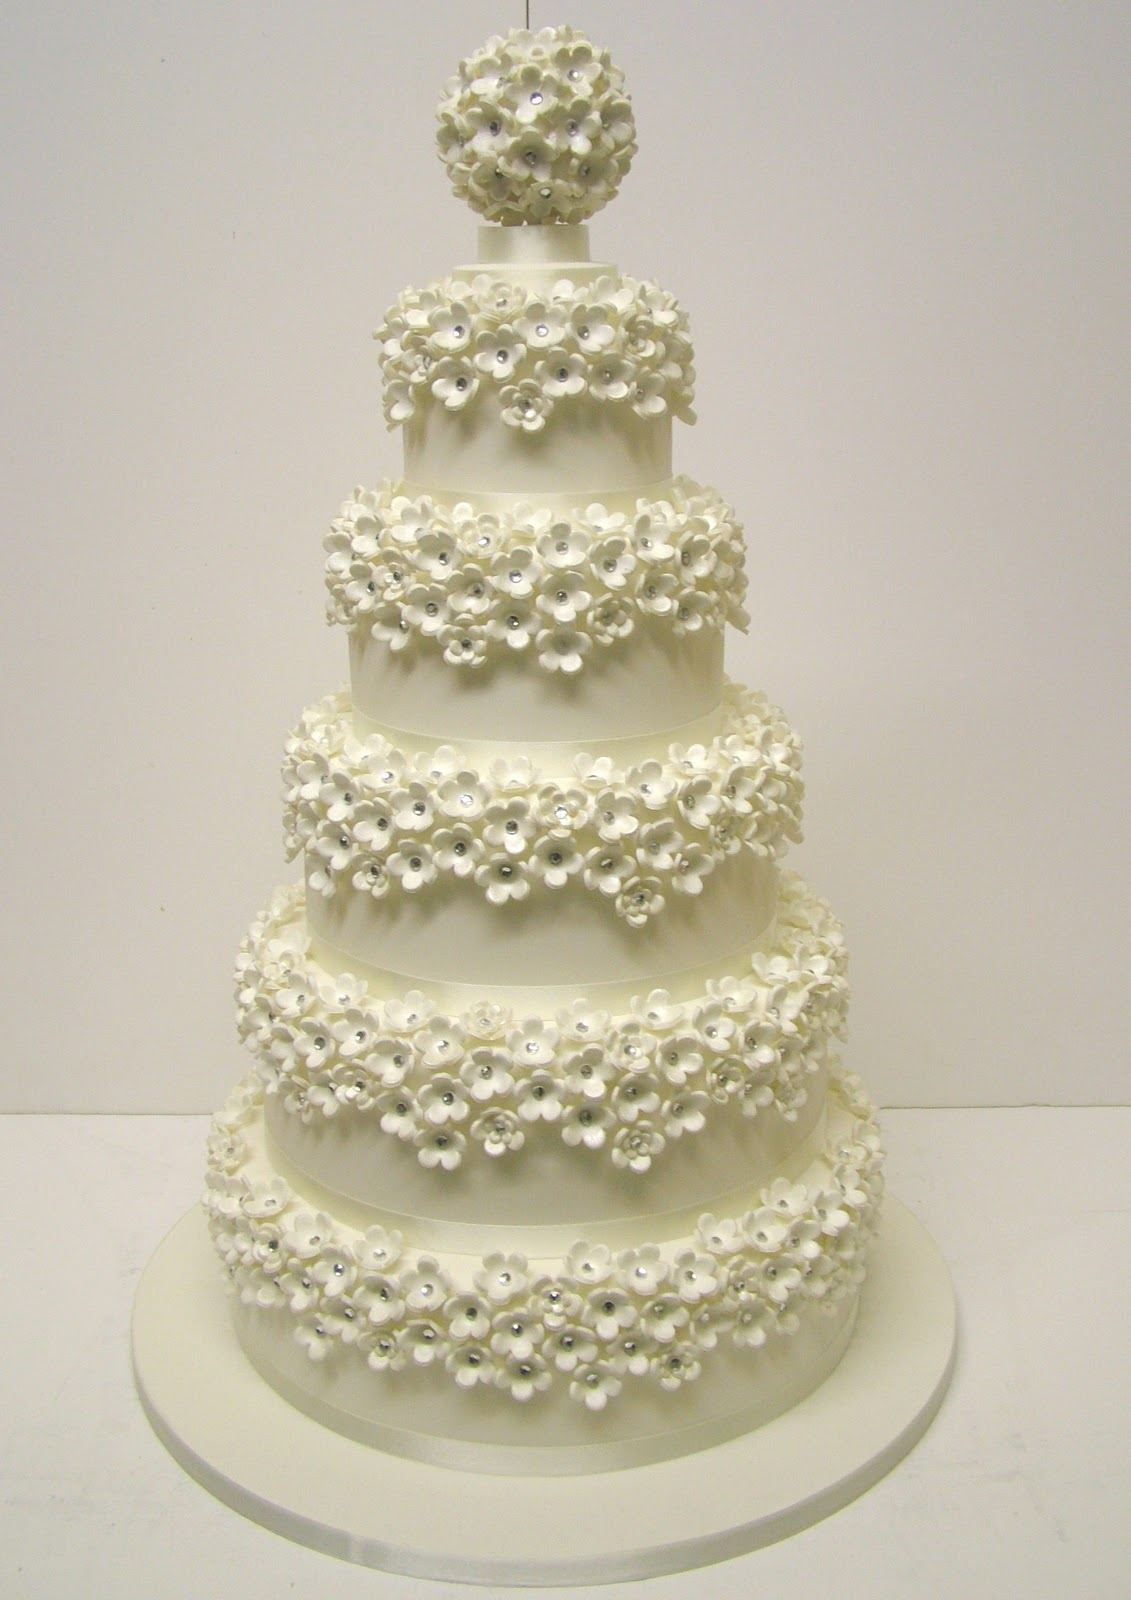 TerryTangDesignerCakes2 - Cakes <3 on SACHI DOSTI bday :P